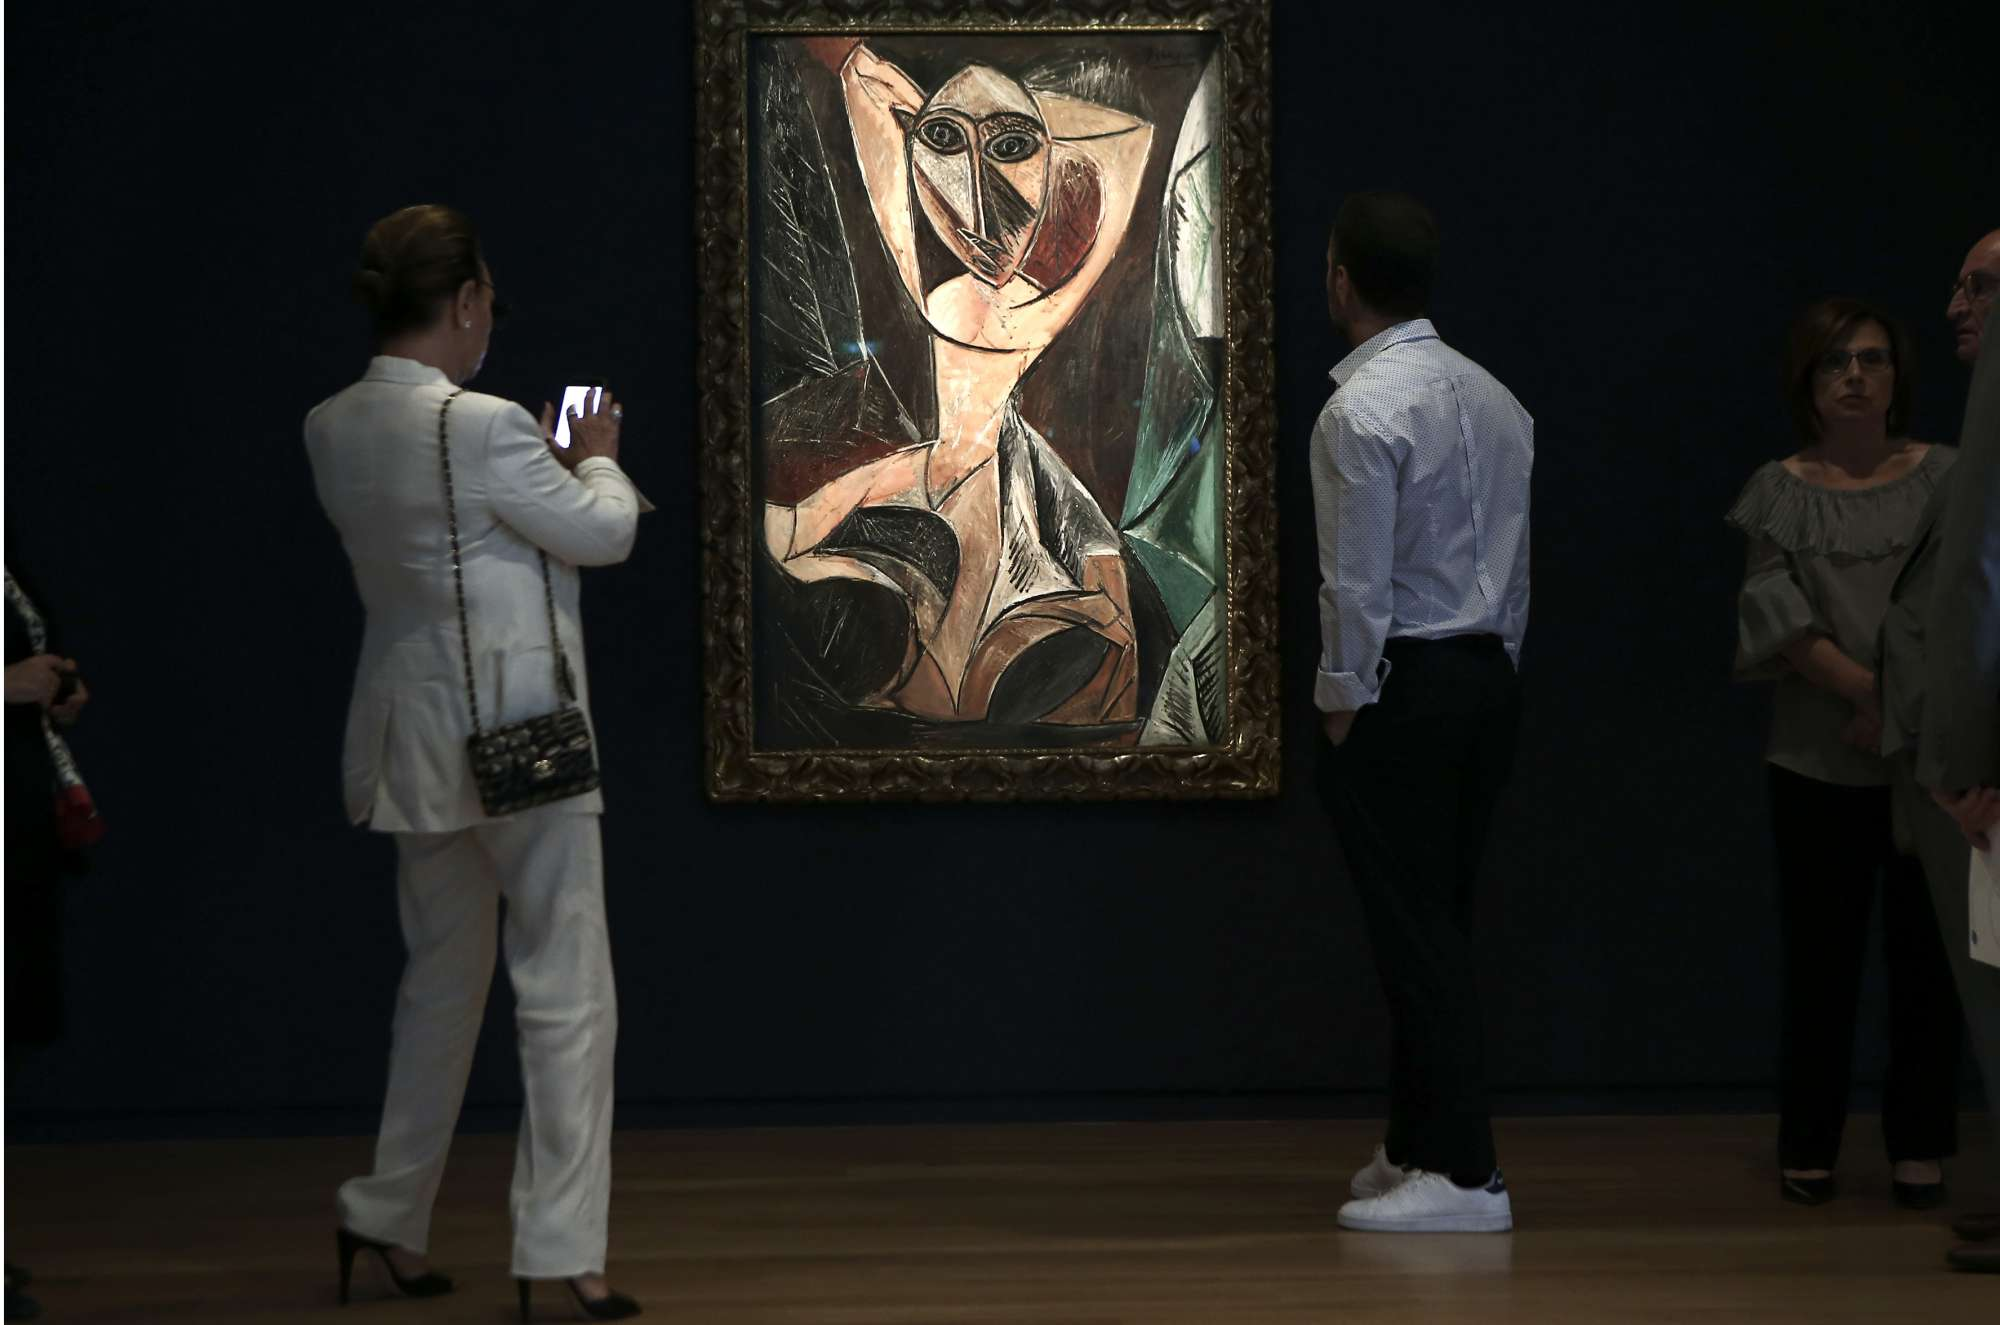 Επισκέπτες θαυμάζουν από κοντά το έργο του Πικάσο «Γυμνή γυναίκα με σηκωμένα χέρια» στο νέο μουσείο του Ιδρύματος Βασίλη και Ελίζας Γουλανδρή, που βρίσκεται στην οδό Ερατοσθένους στο Παγκράτι